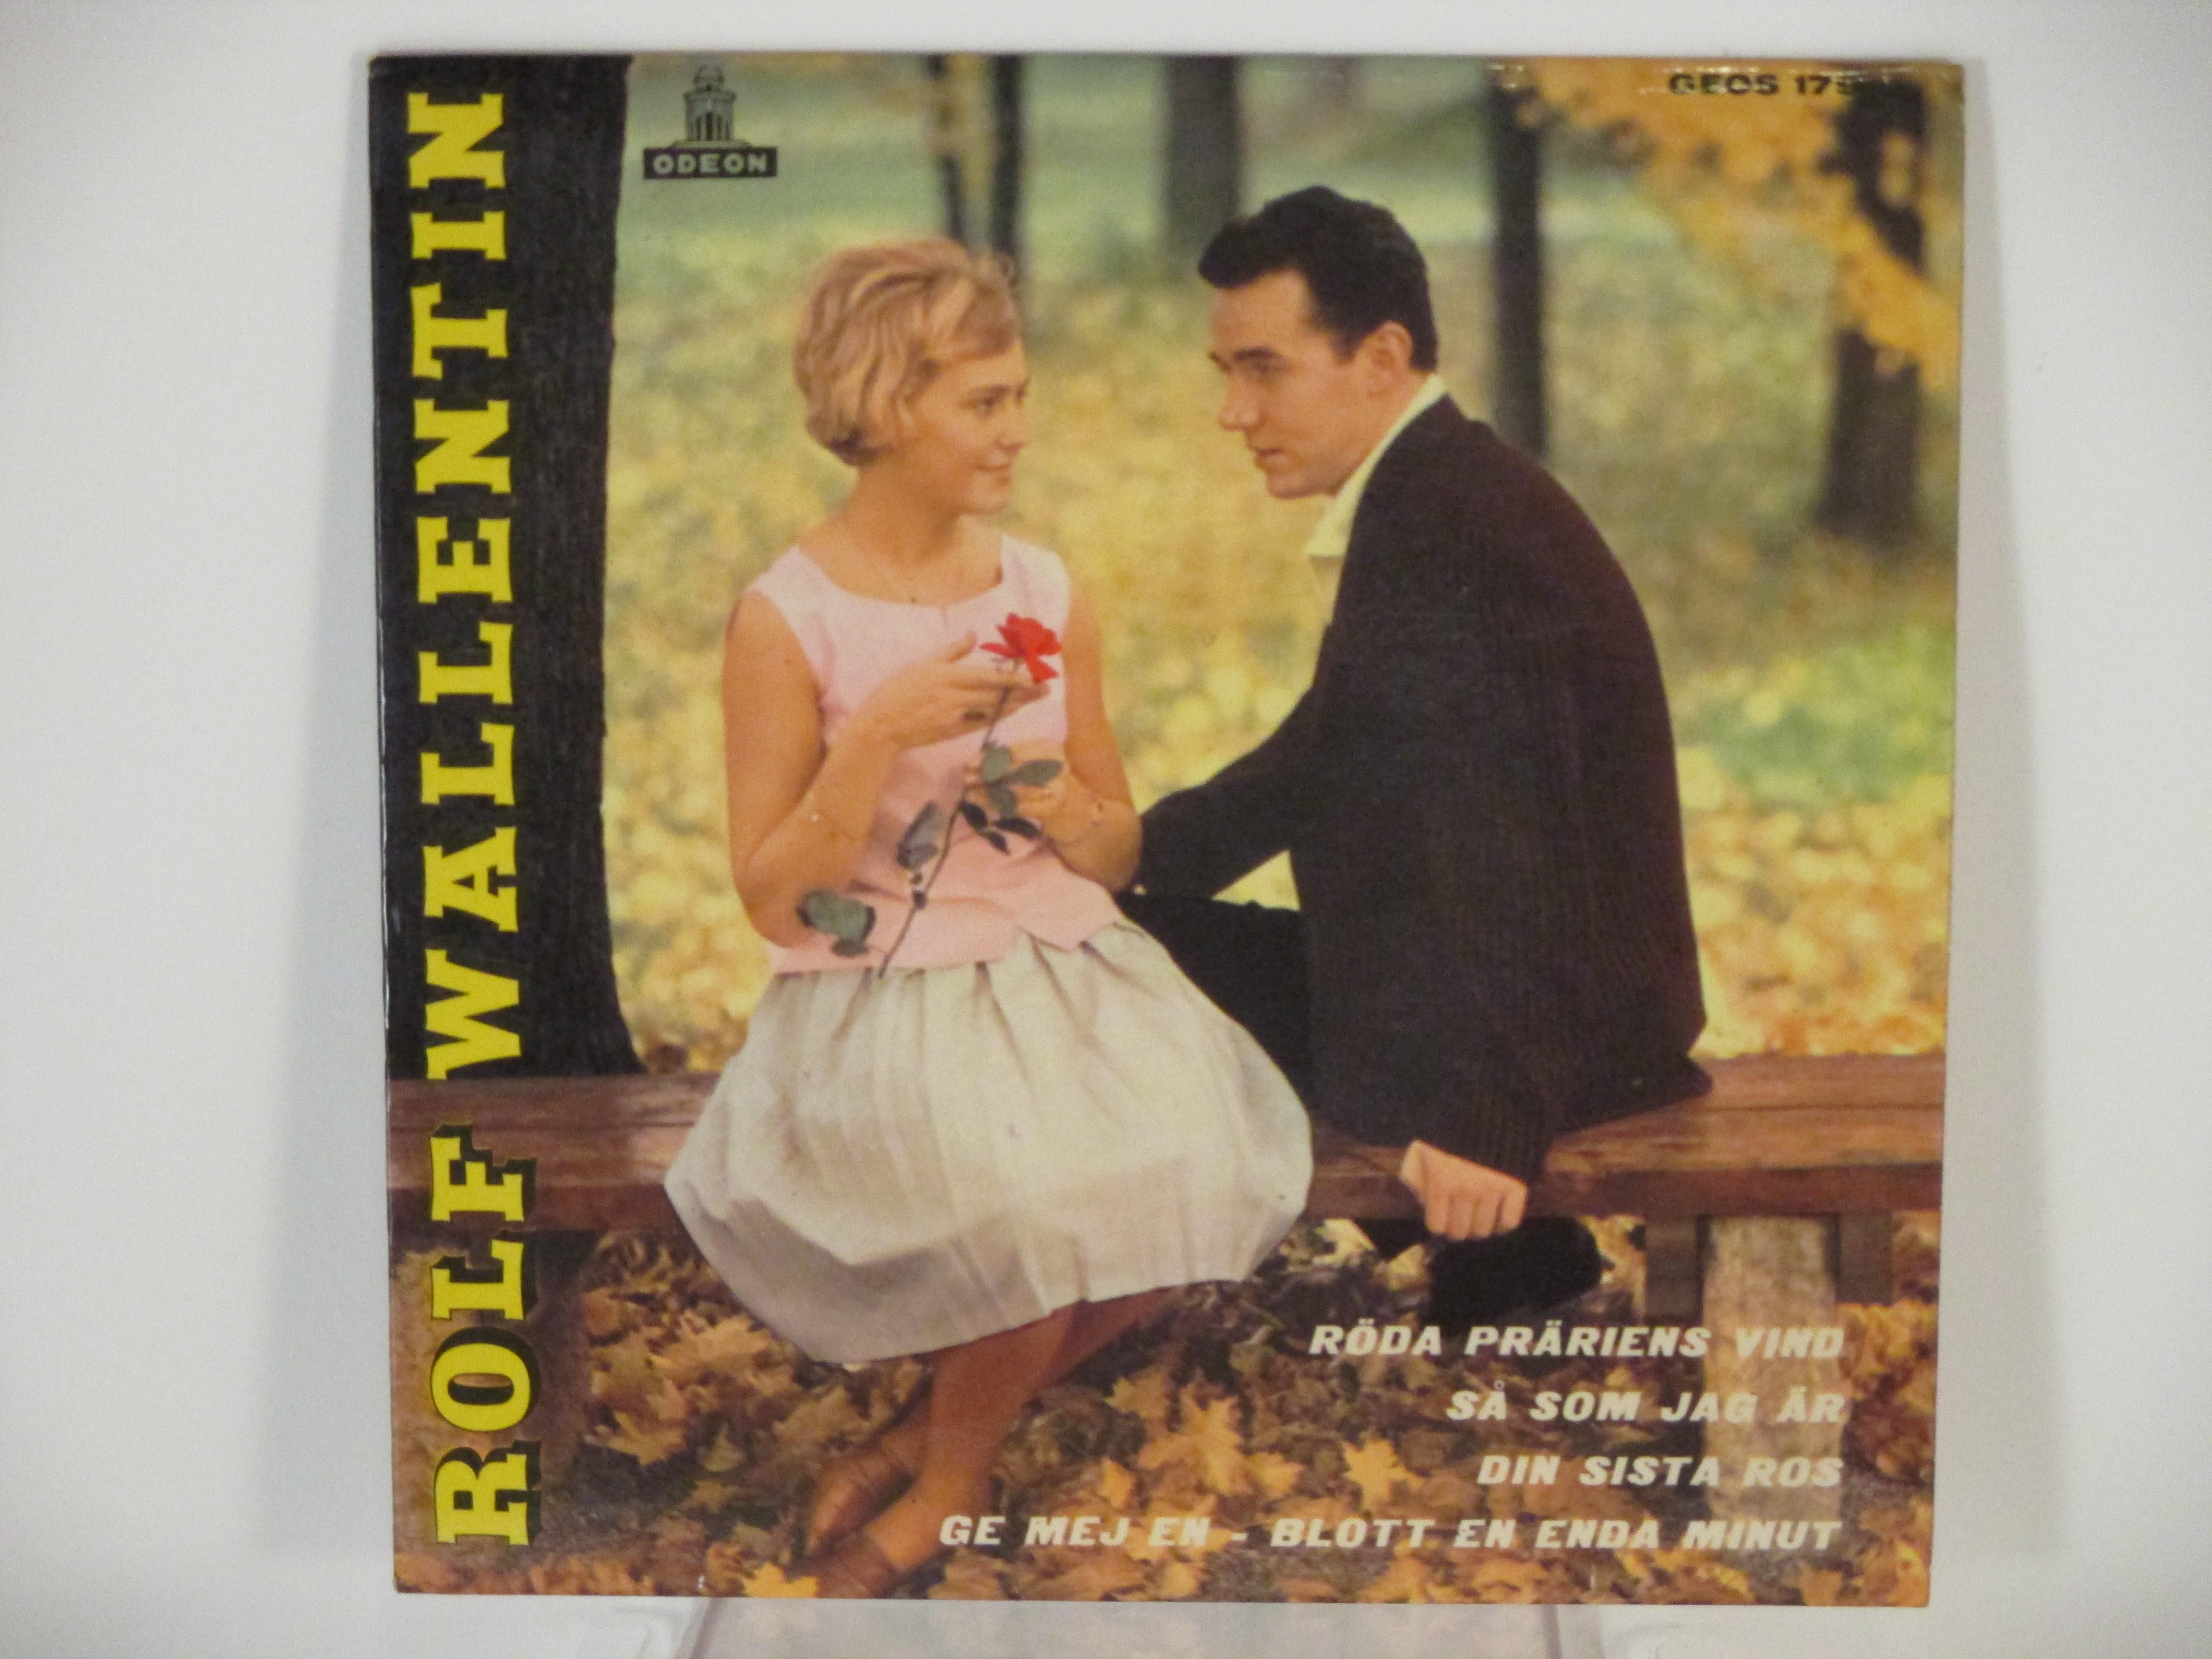 """ROLF WALLENTIN (=""""ROCK-ROLF"""") : (EP) Röda präriens vind / Så som jag är / Din sista ros / Ge mej en - blott en enda minut"""